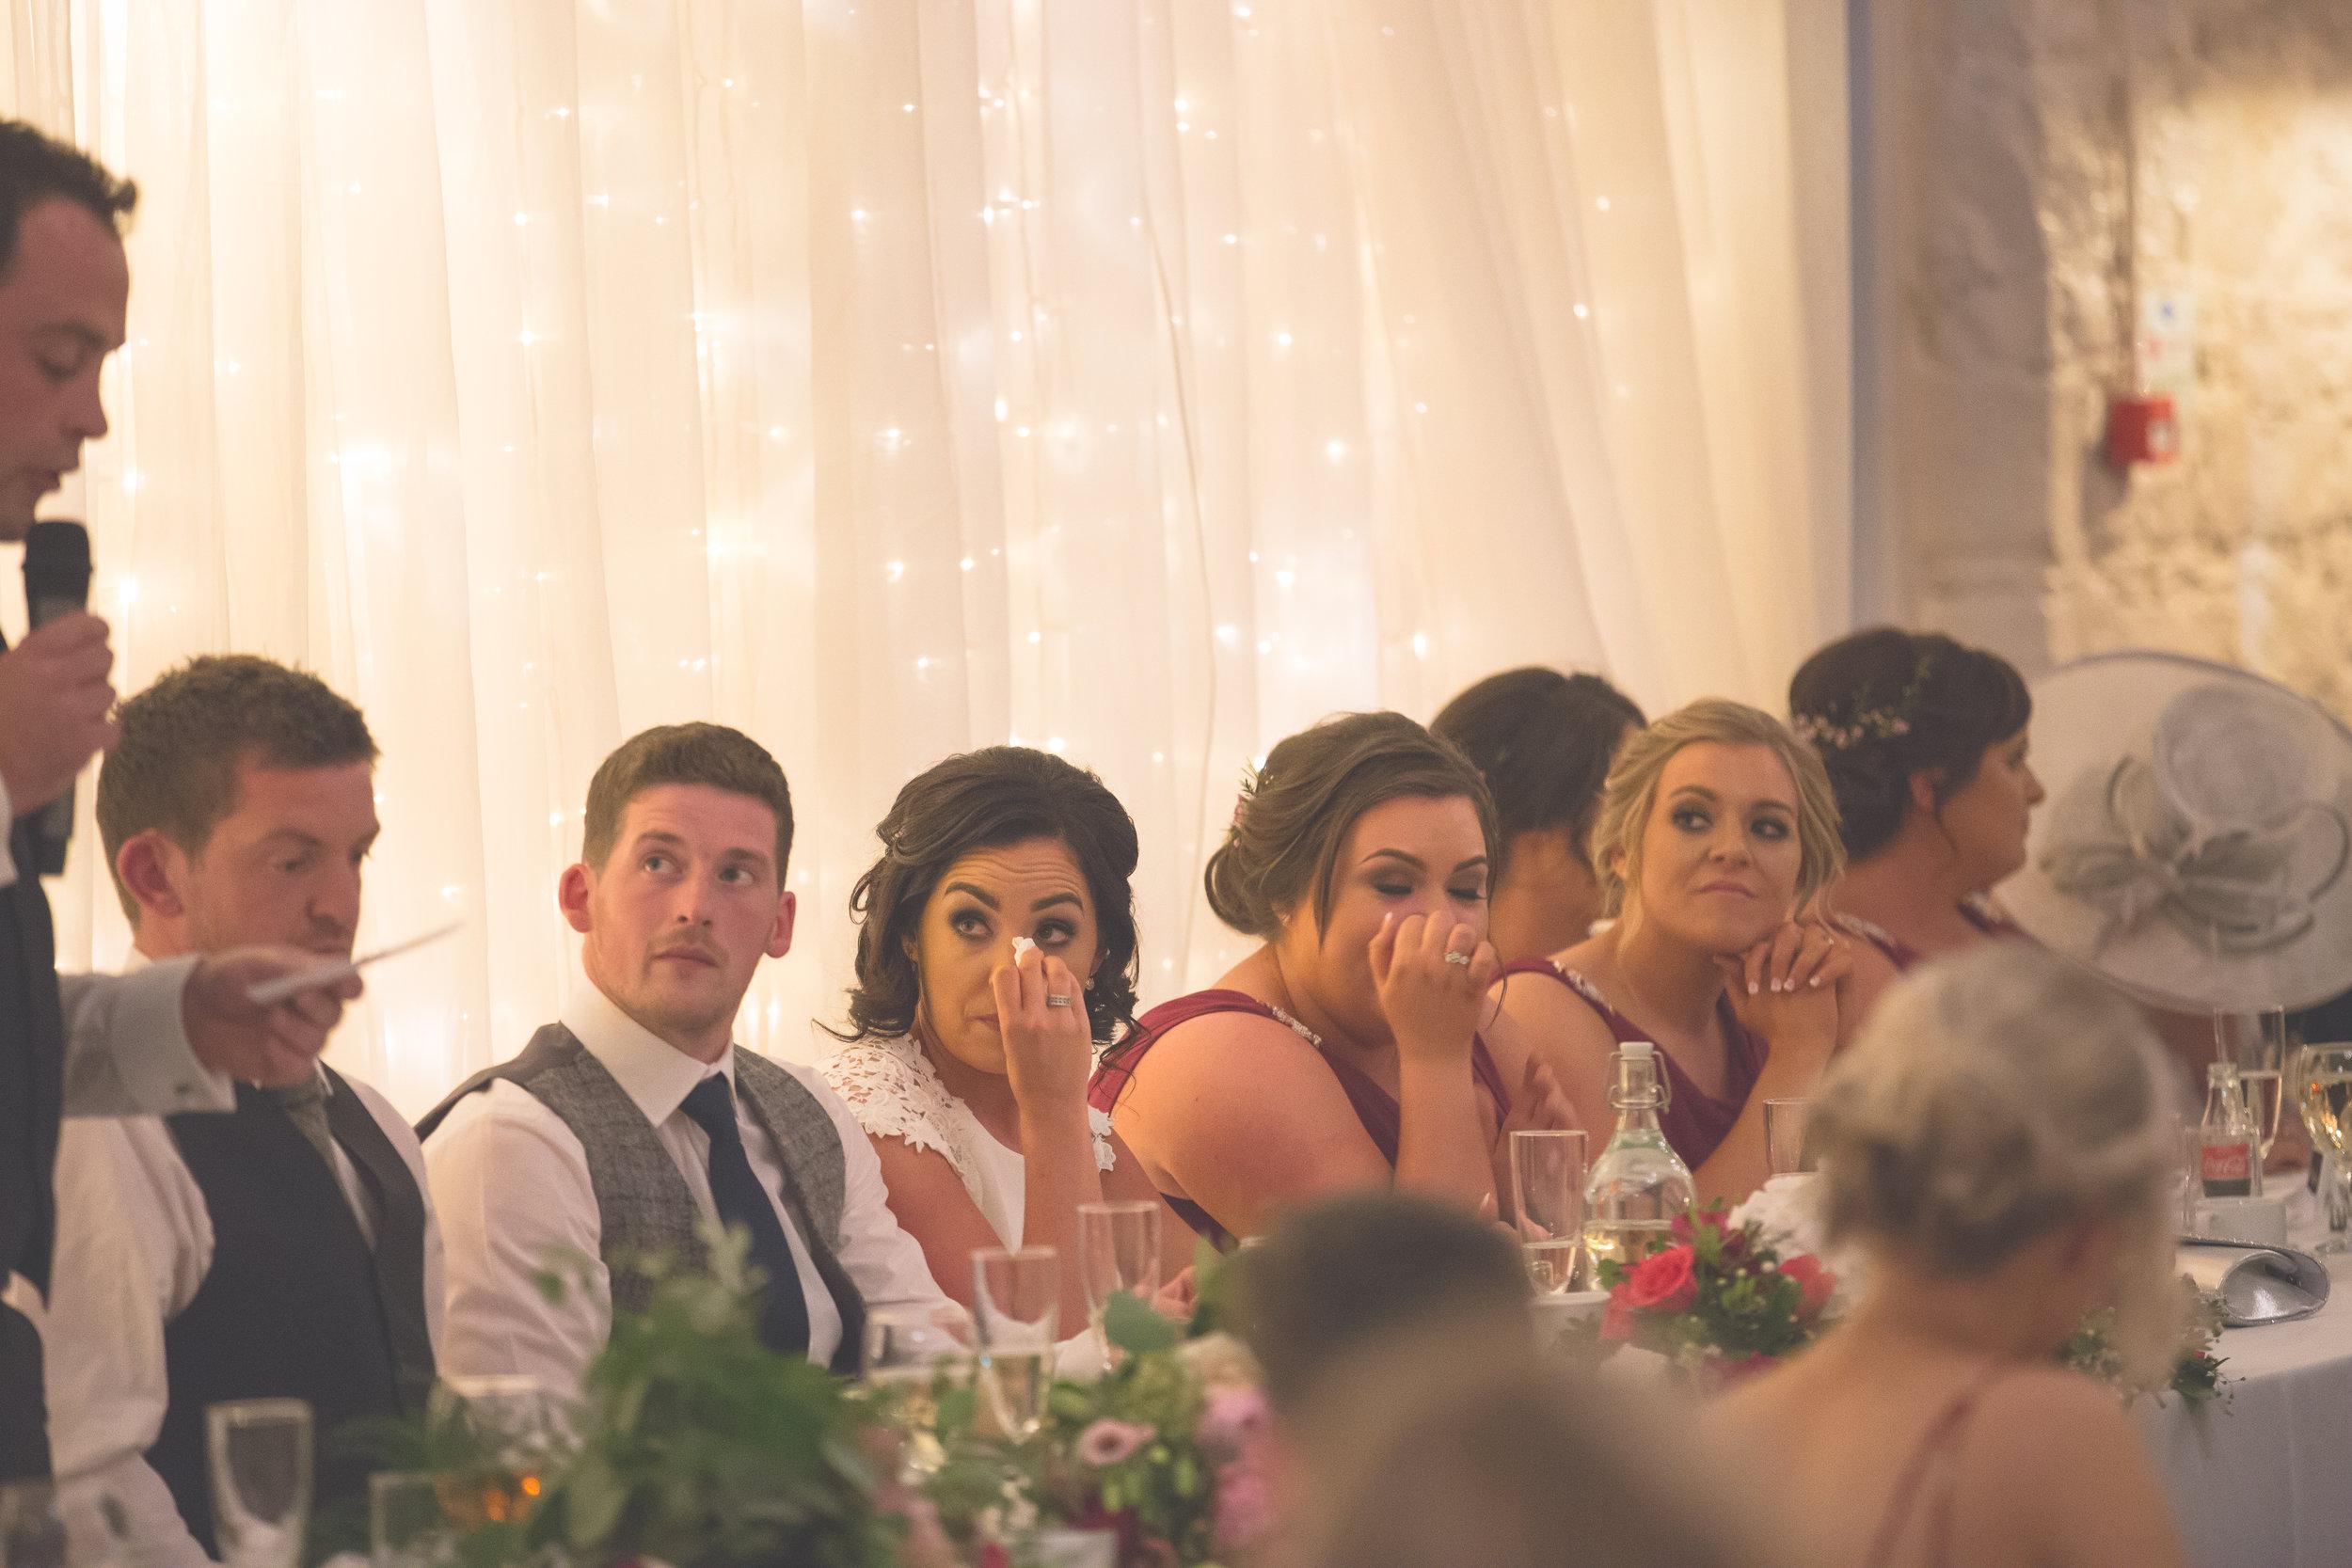 Brian McEwan Wedding Photography | Carol-Anne & Sean | The Speeches-104.jpg